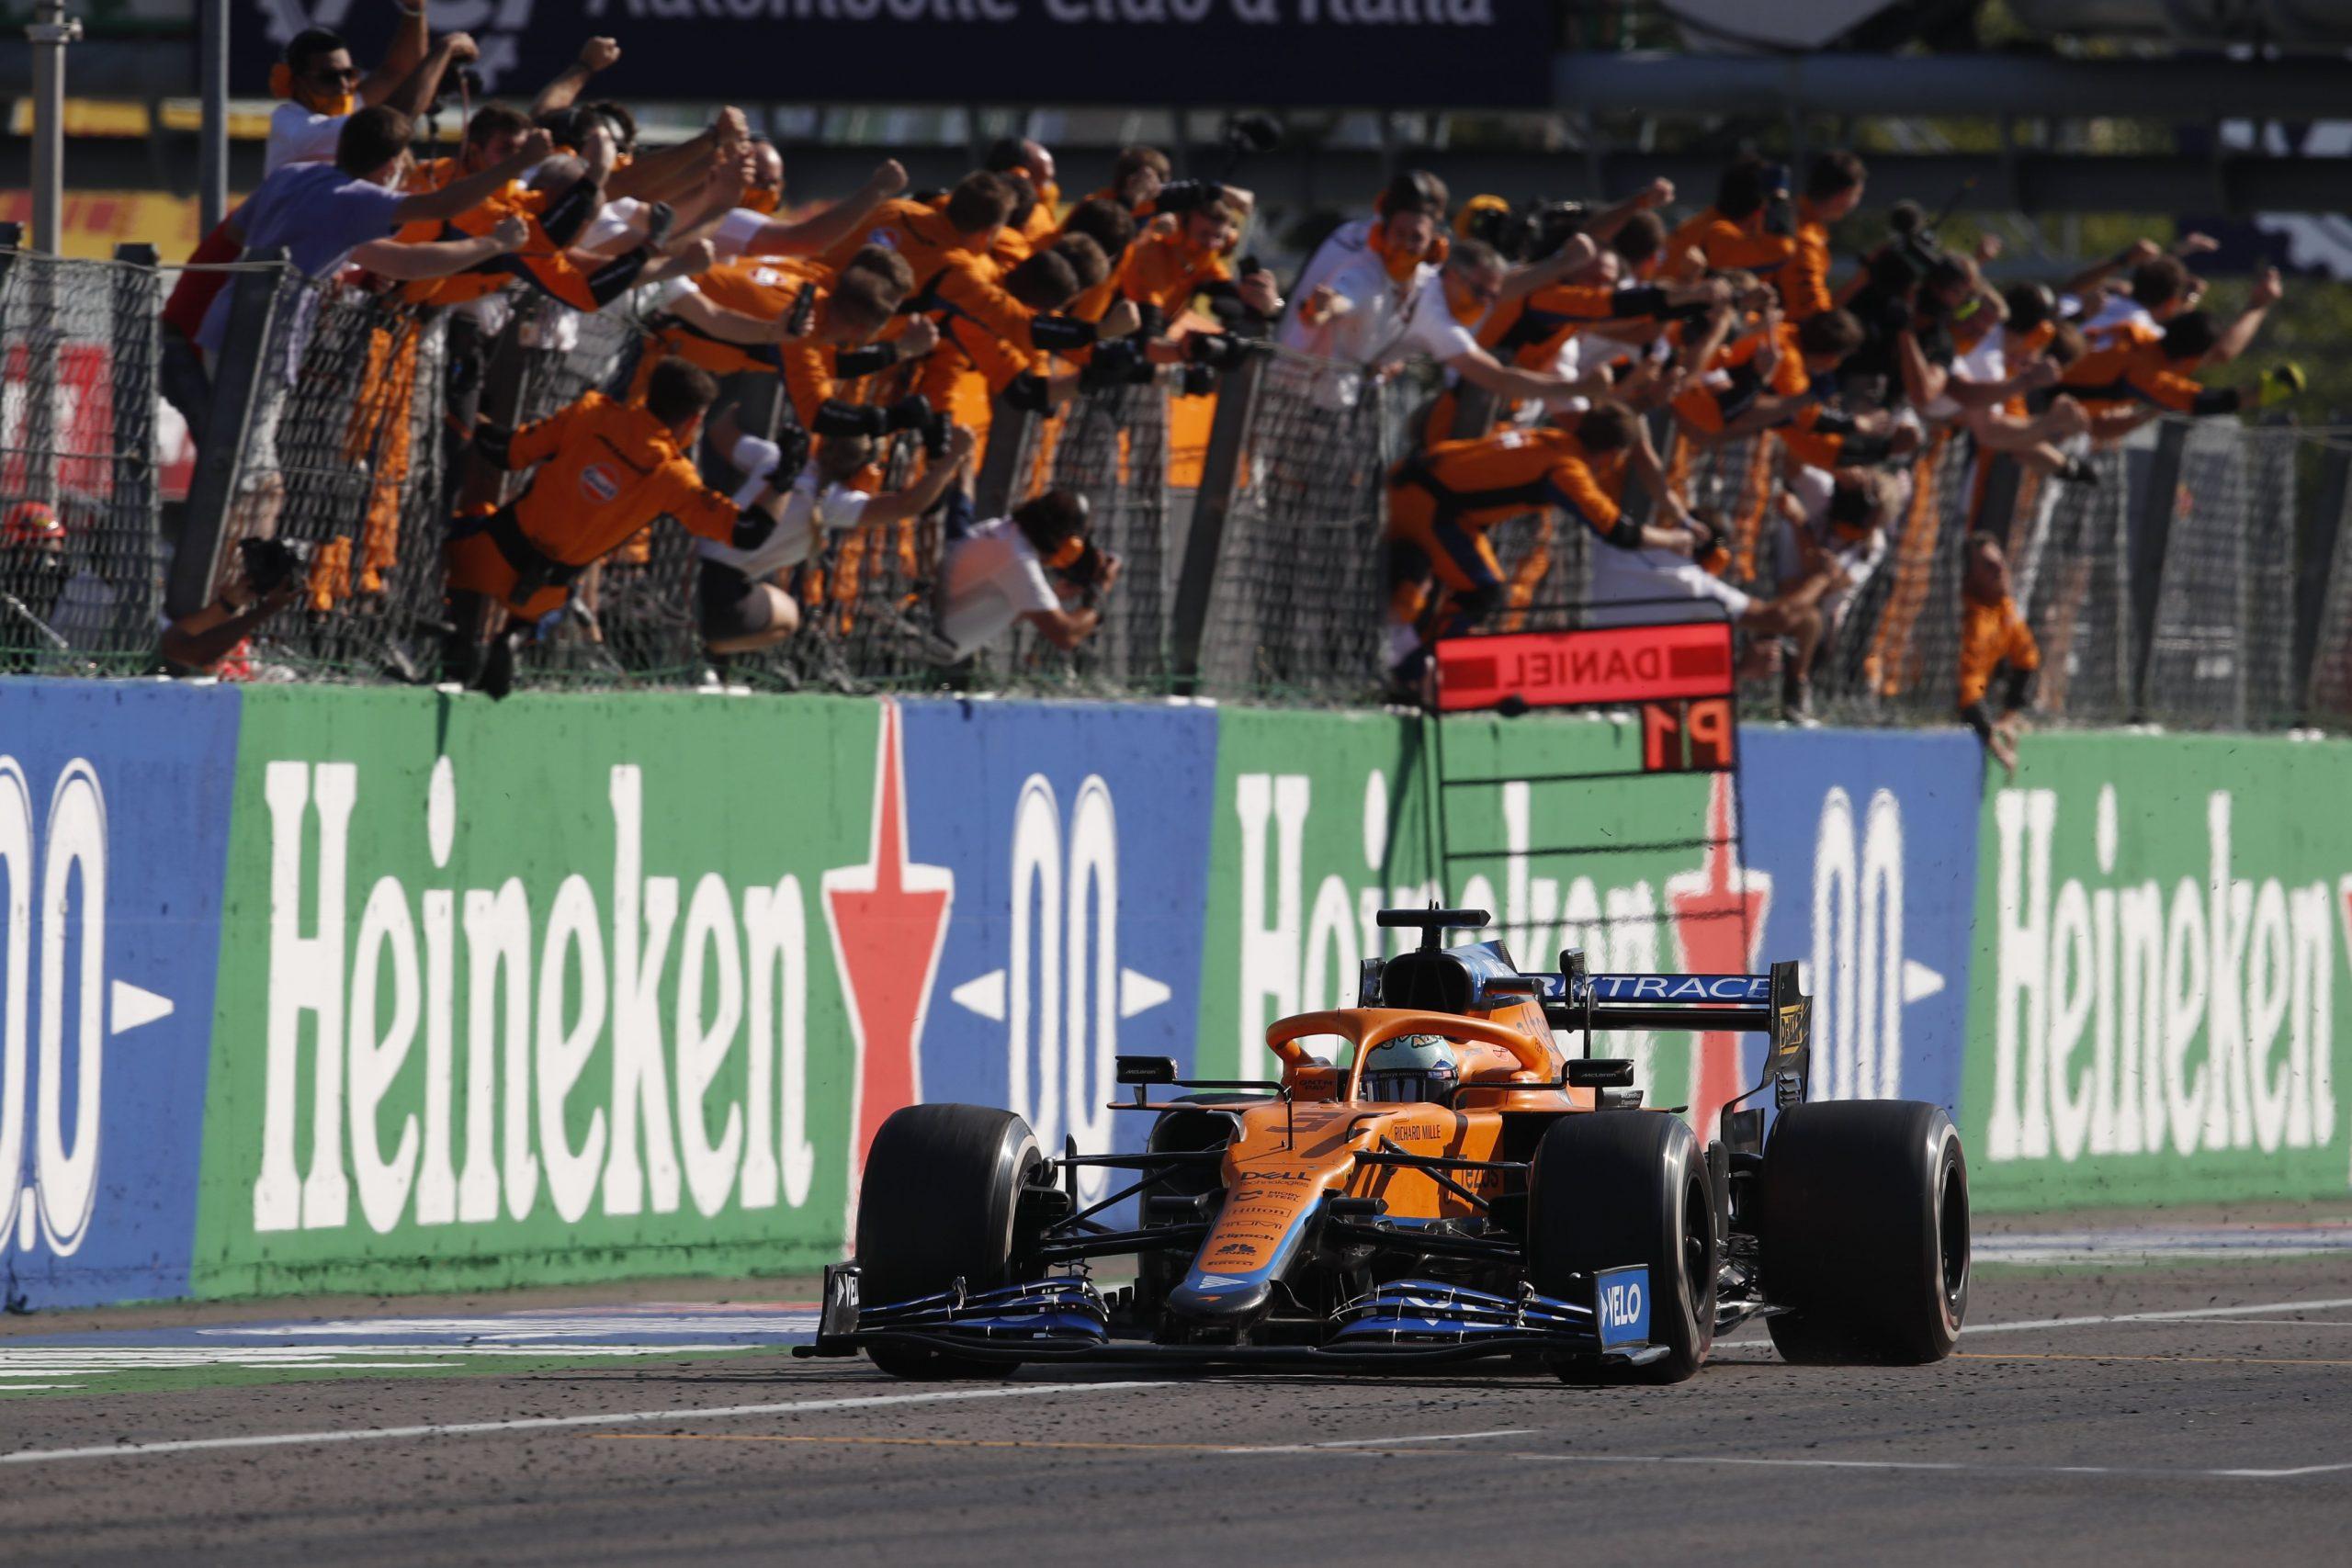 Gara, Gp d'Italia: Daniel Ricciardo vince. Ferrari 4° e 6°. Hamilton e Verstappen si toccano di nuovo e si ritirano.